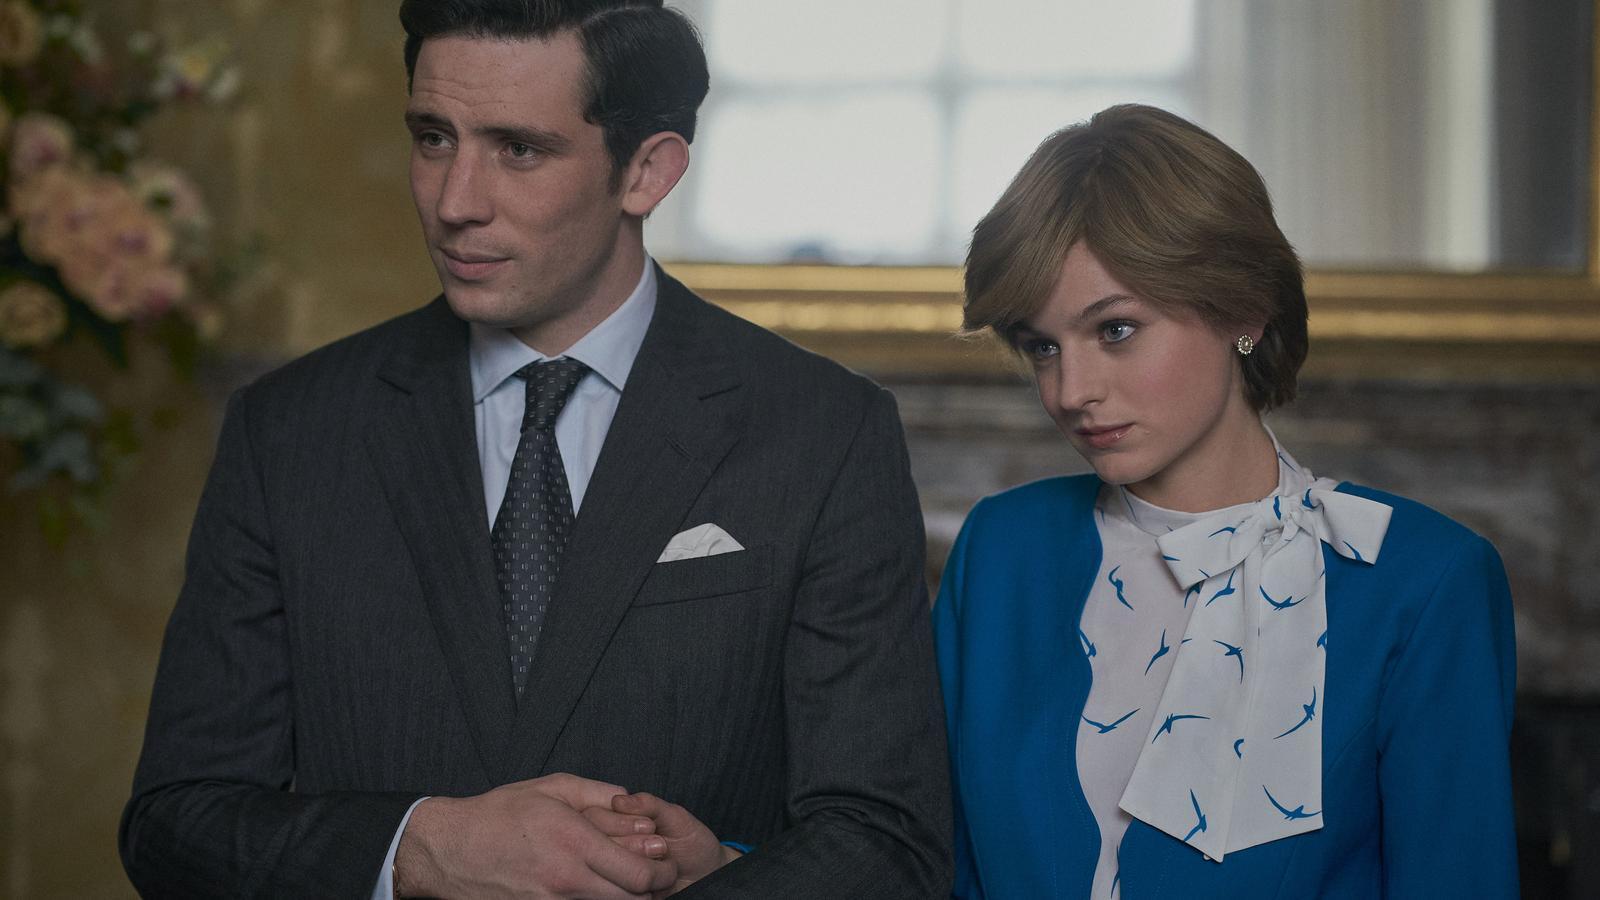 El govern britànic vol que Netflix avisi que 'The Crown' és ficció